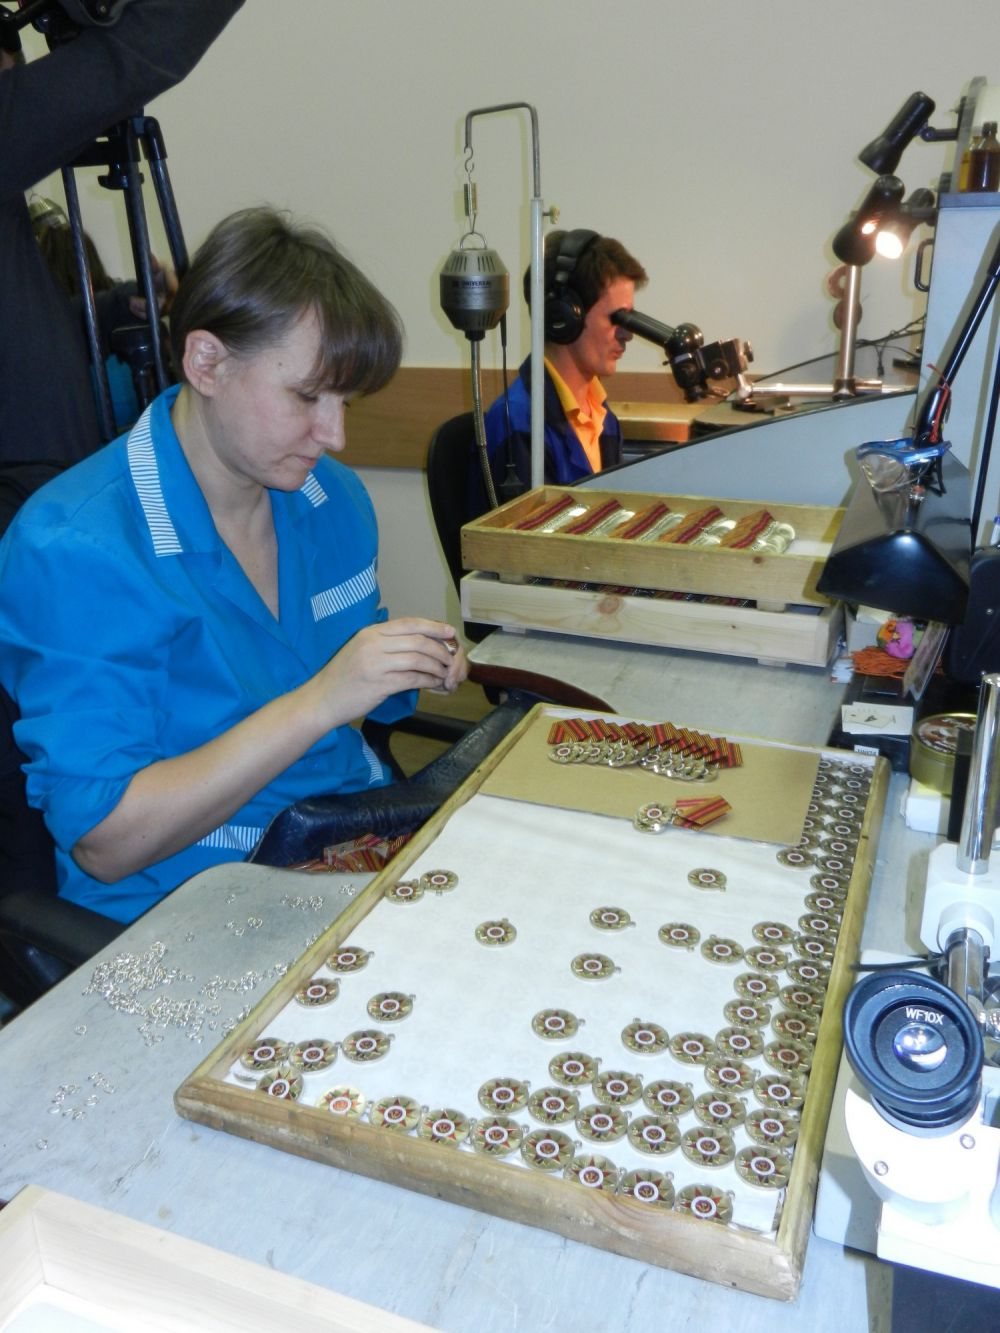 На участке сборки продукцию тщательно просматривают, в том числе в микроскоп. Не должно быть даже малейшего изъяна. Сейчас рабочие выполняют ответственный заказ. На Монетном дворе делаю медали в честь 70-летия Победы.